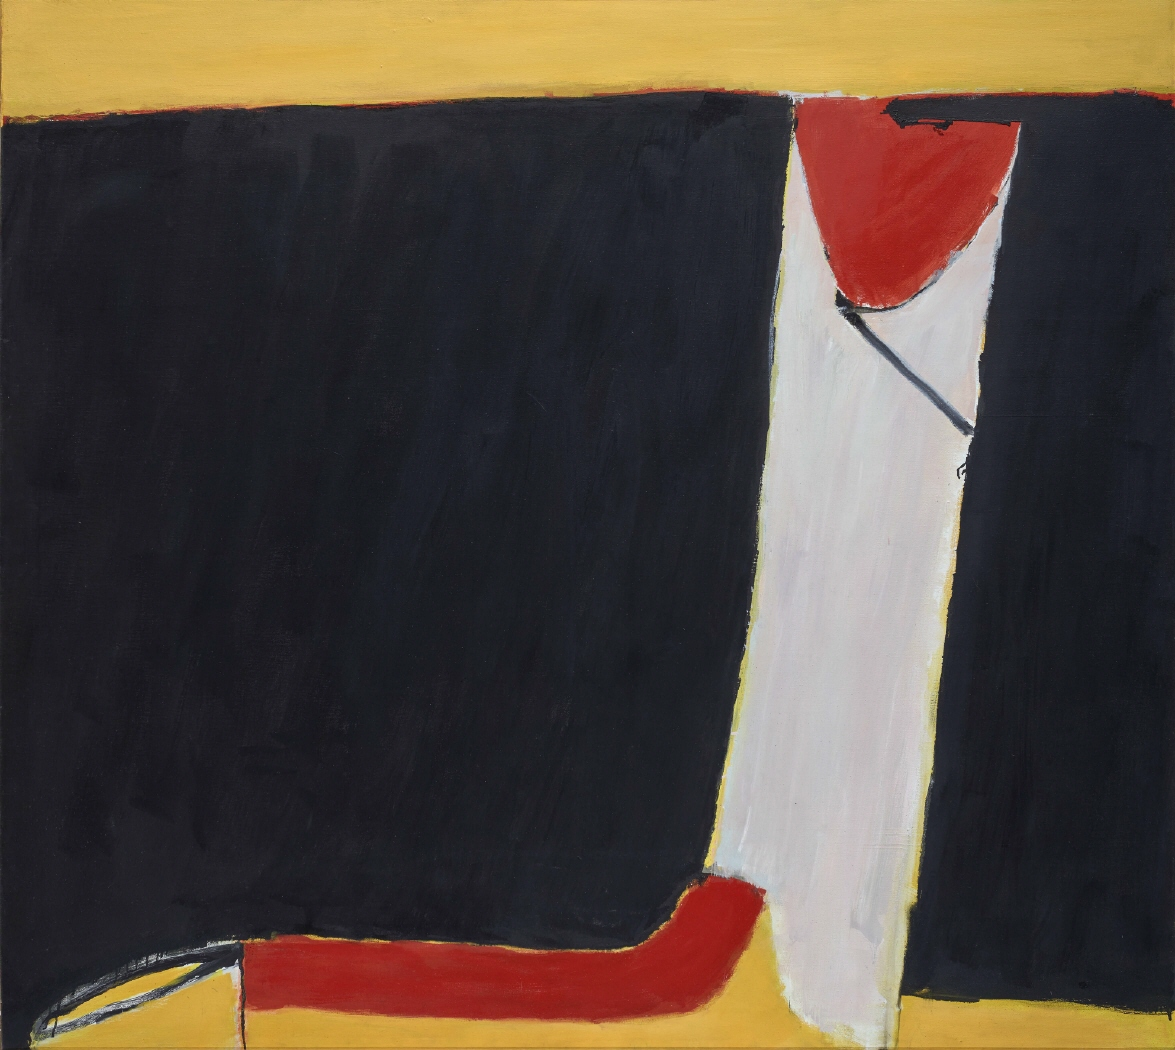 Convergencia, 1976